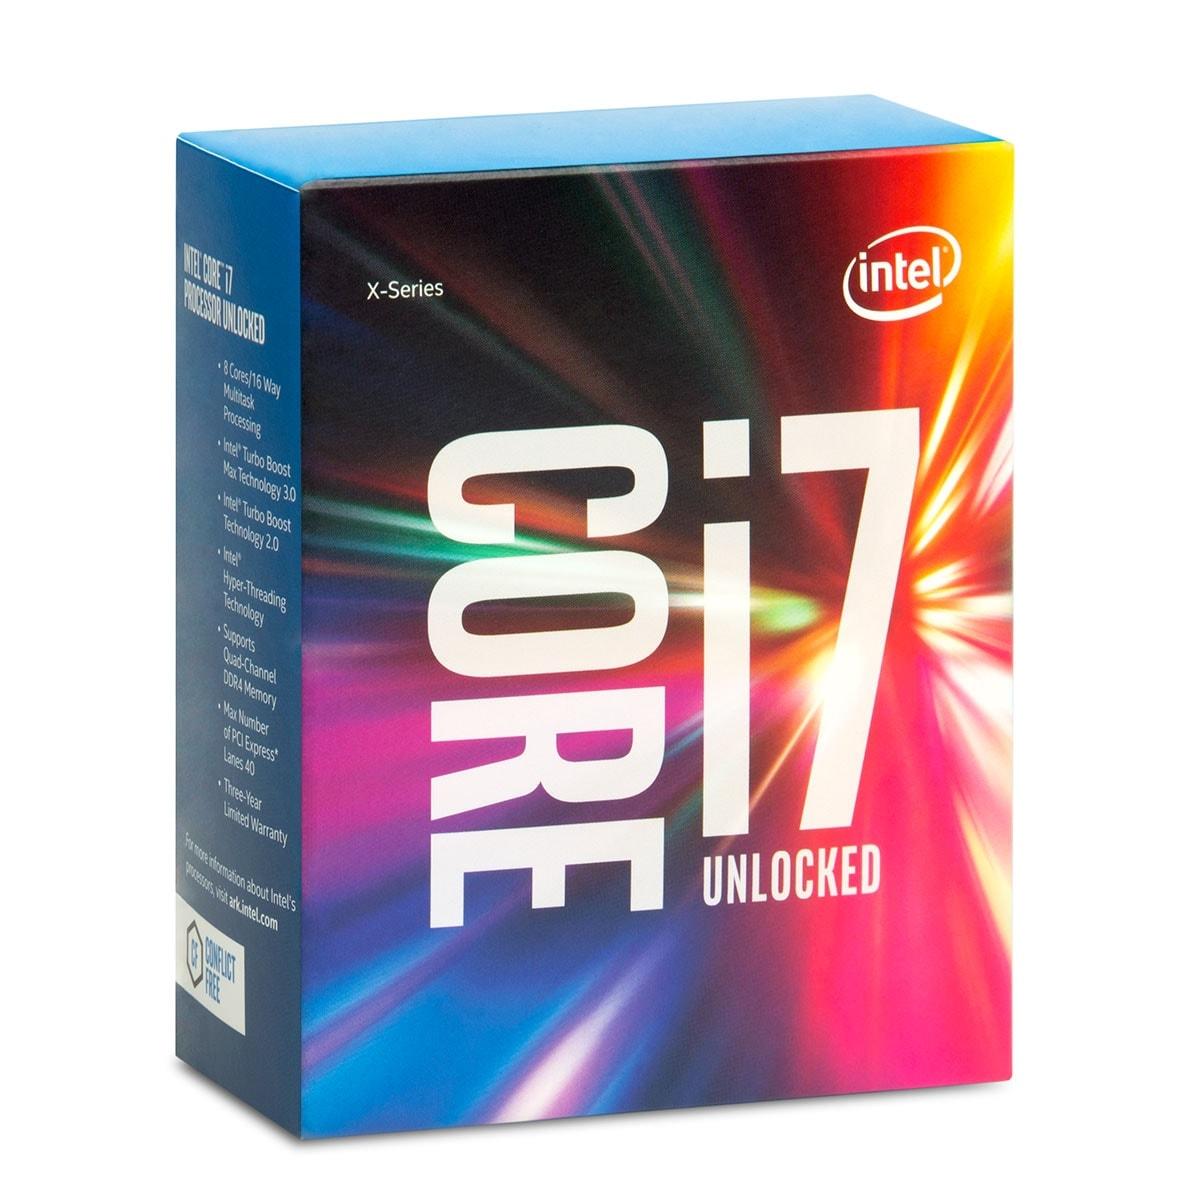 Intel Core i7-6800K - 3.4GHz - Processeur Intel - Cybertek.fr - 0